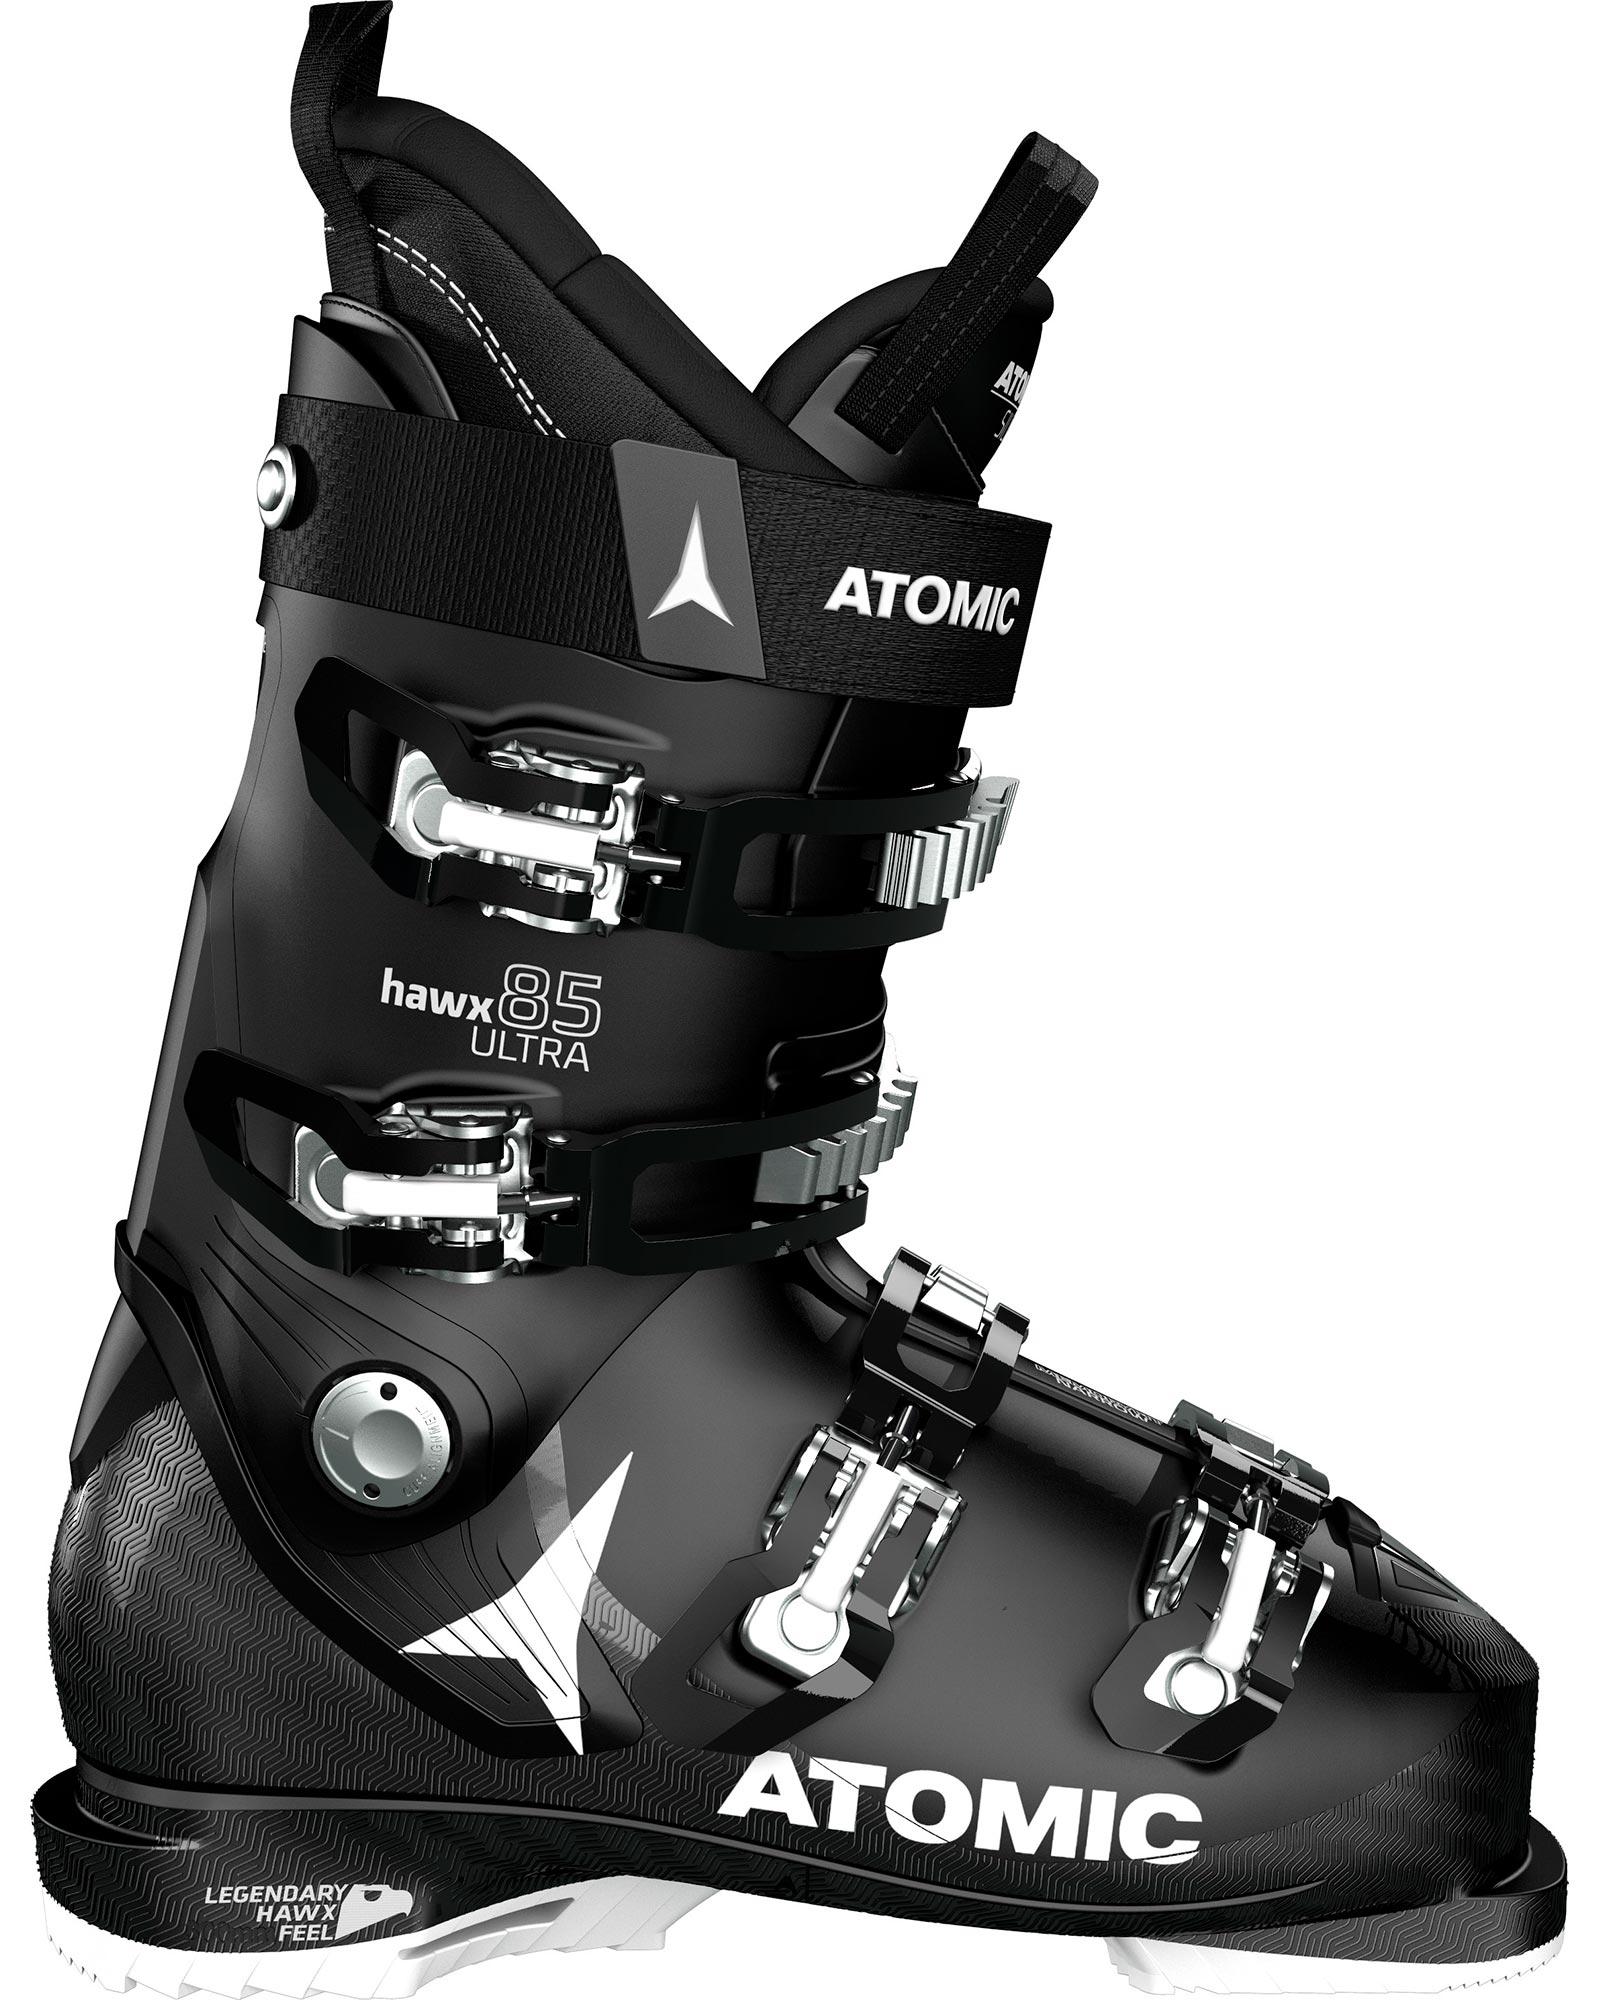 Atomic Women's Hawx Ultra 85 W Ski Boots 2020 / 2021 0